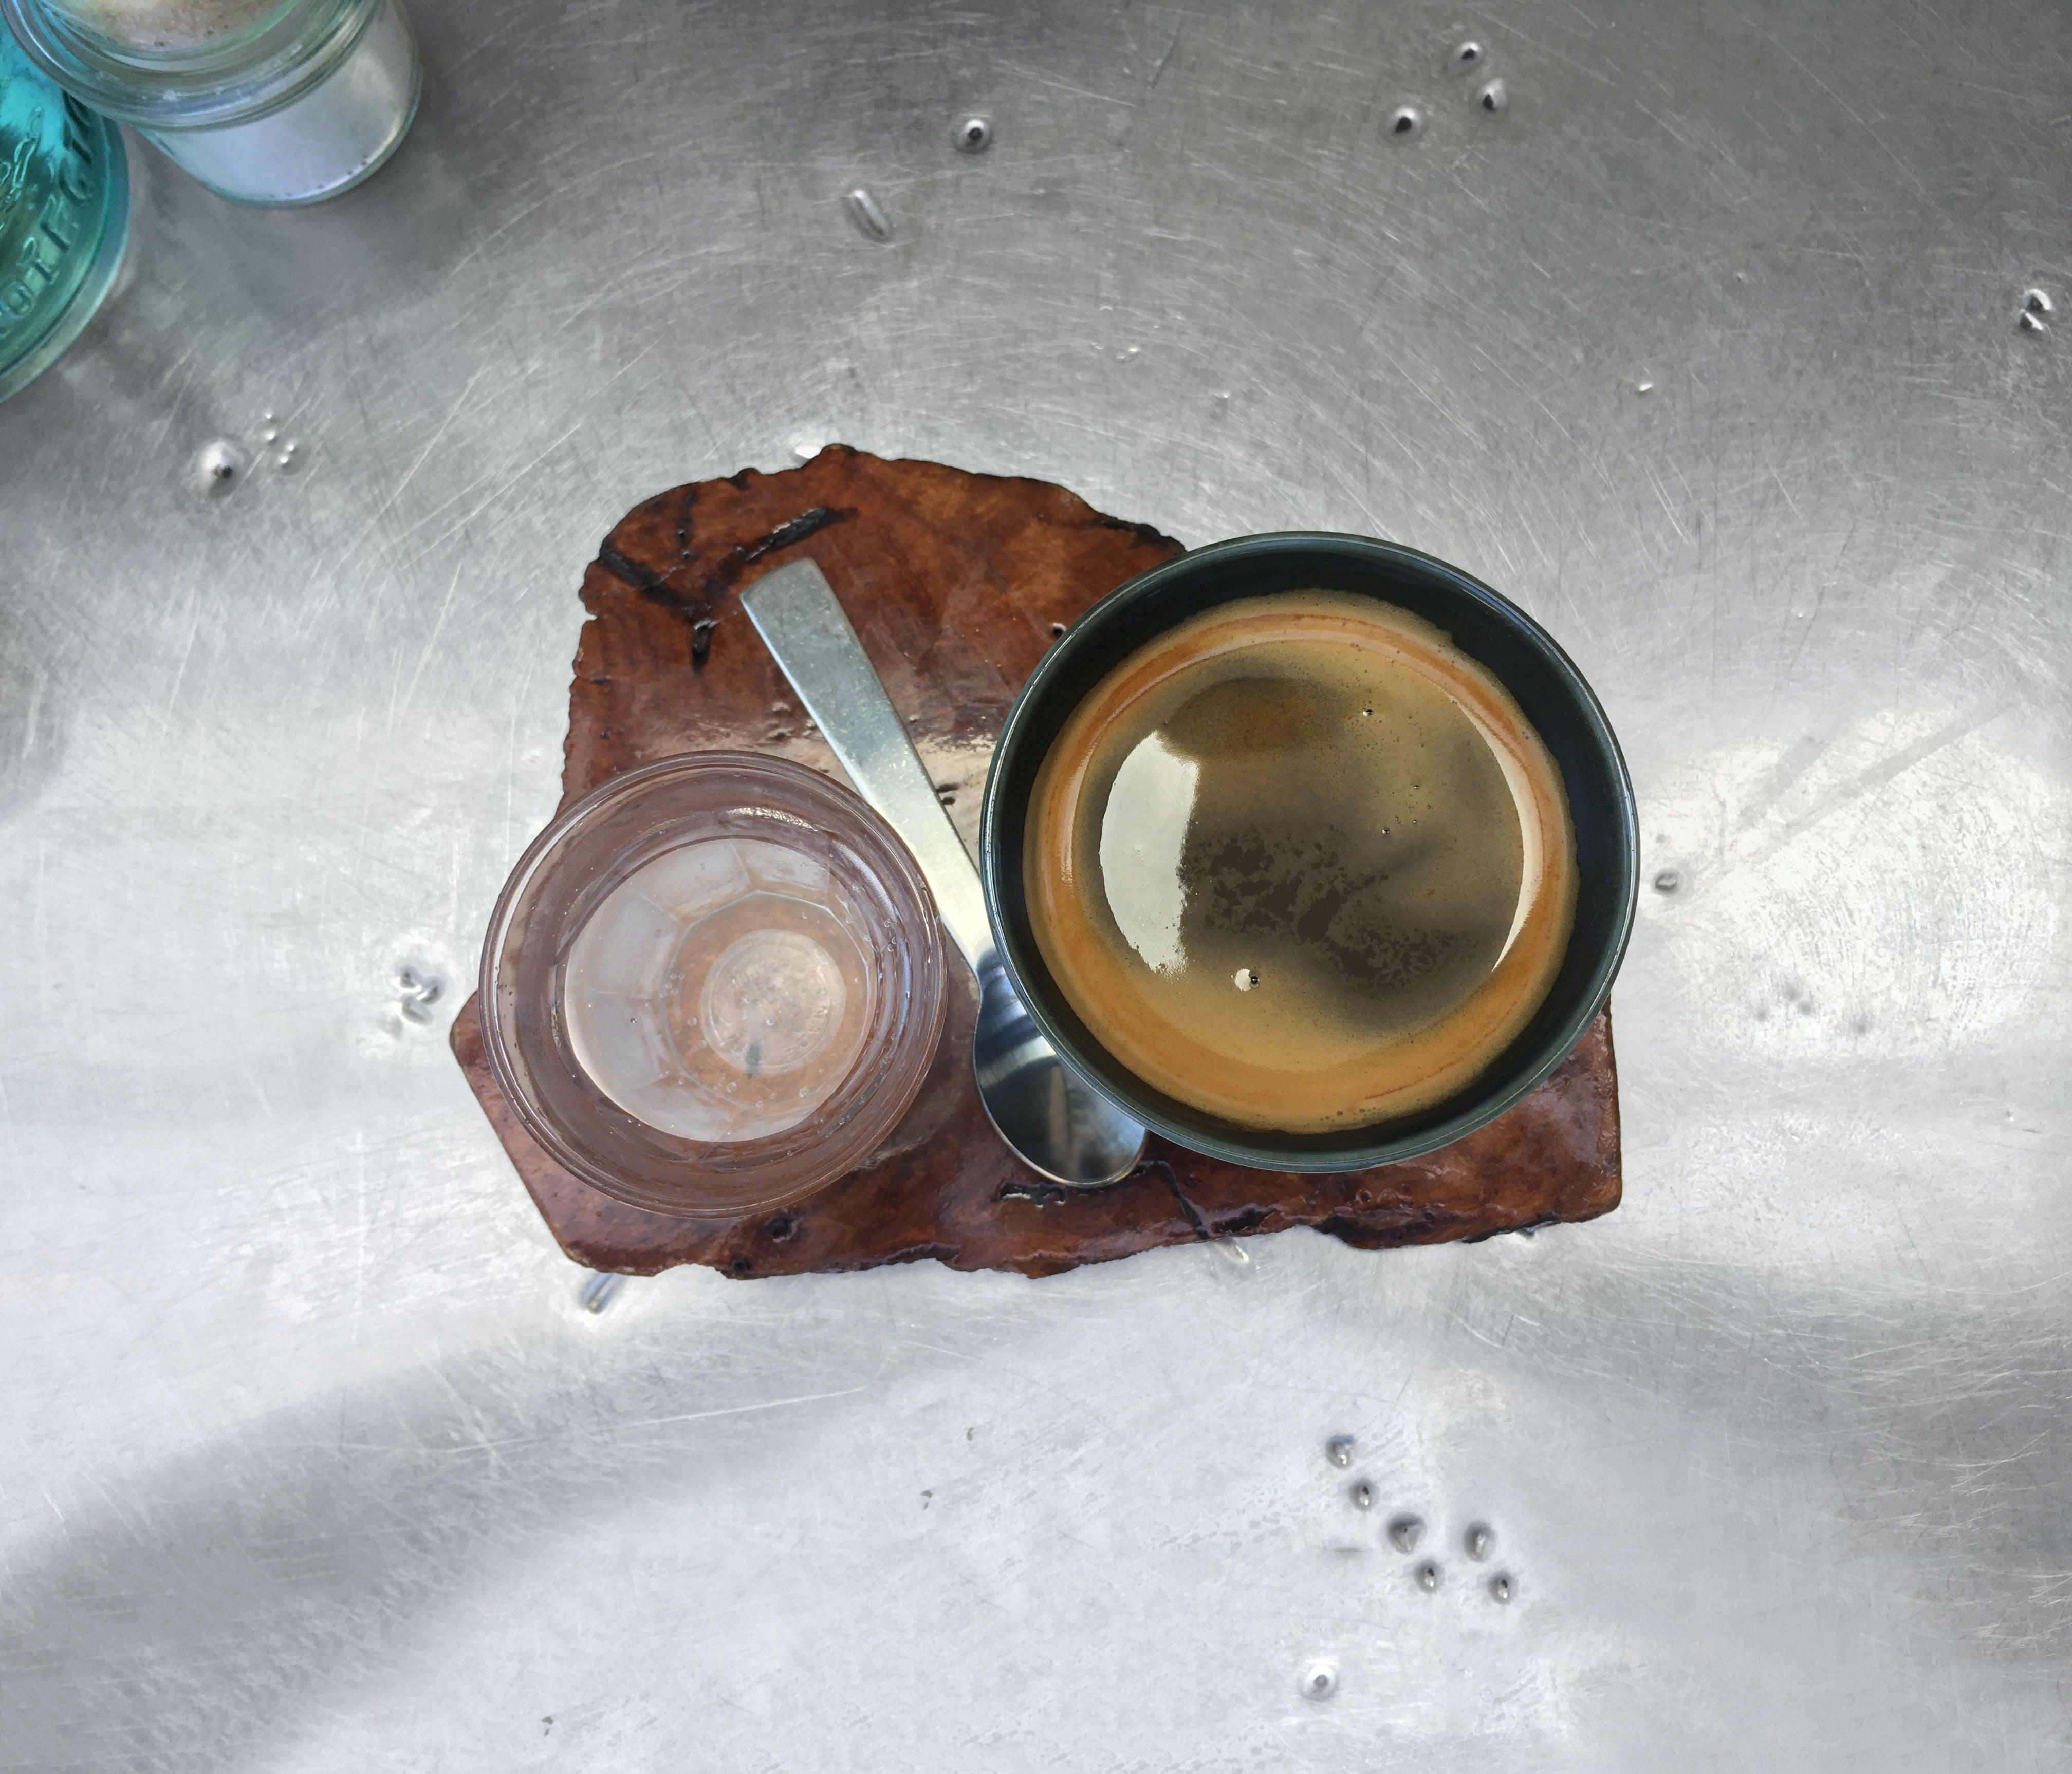 卡布奇諾, 咖啡, 咖啡因, 咖啡桌 的 免費圖庫相片